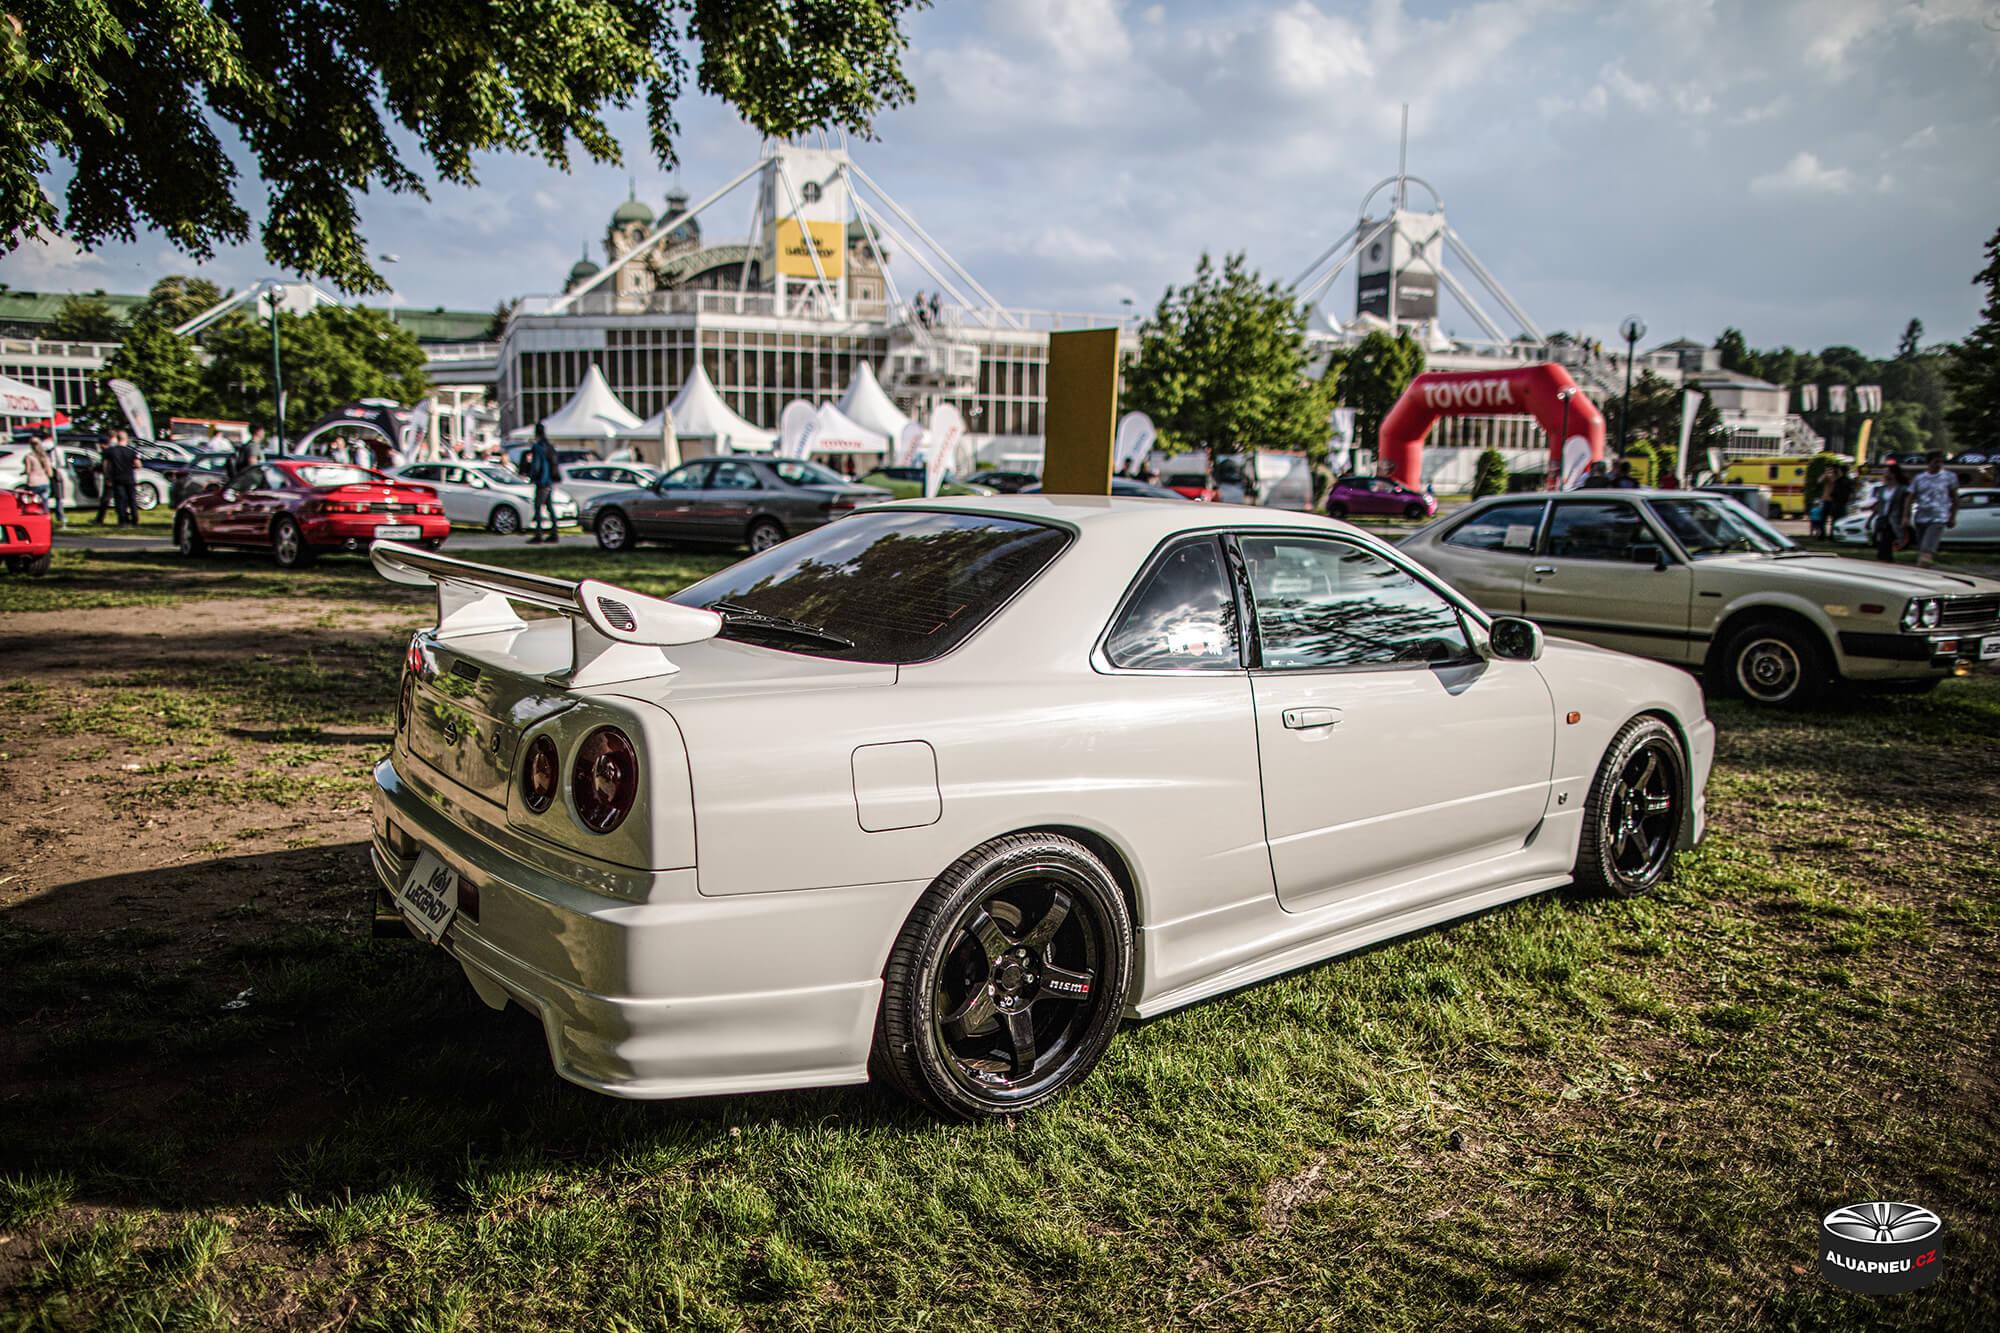 Černá alu kola Nissan Skyline R34 - Automobilové Legendy 2019 - www.aluapneu.cz